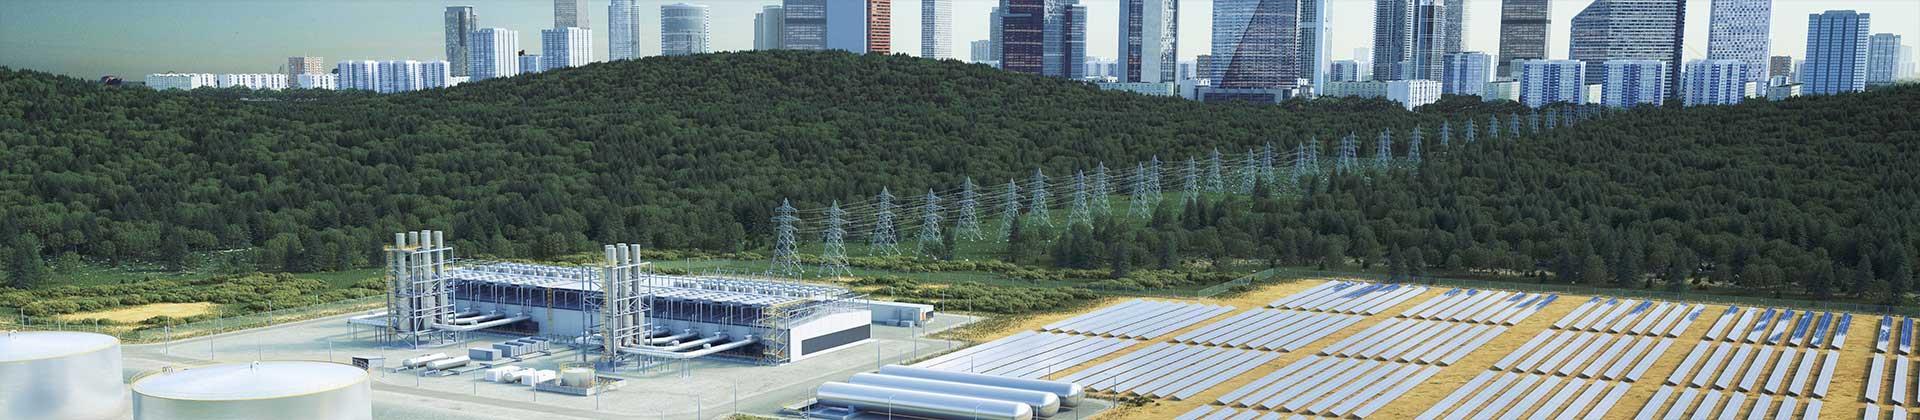 Wärtsilä - Enabling Sustainable Societies With Smart Technology